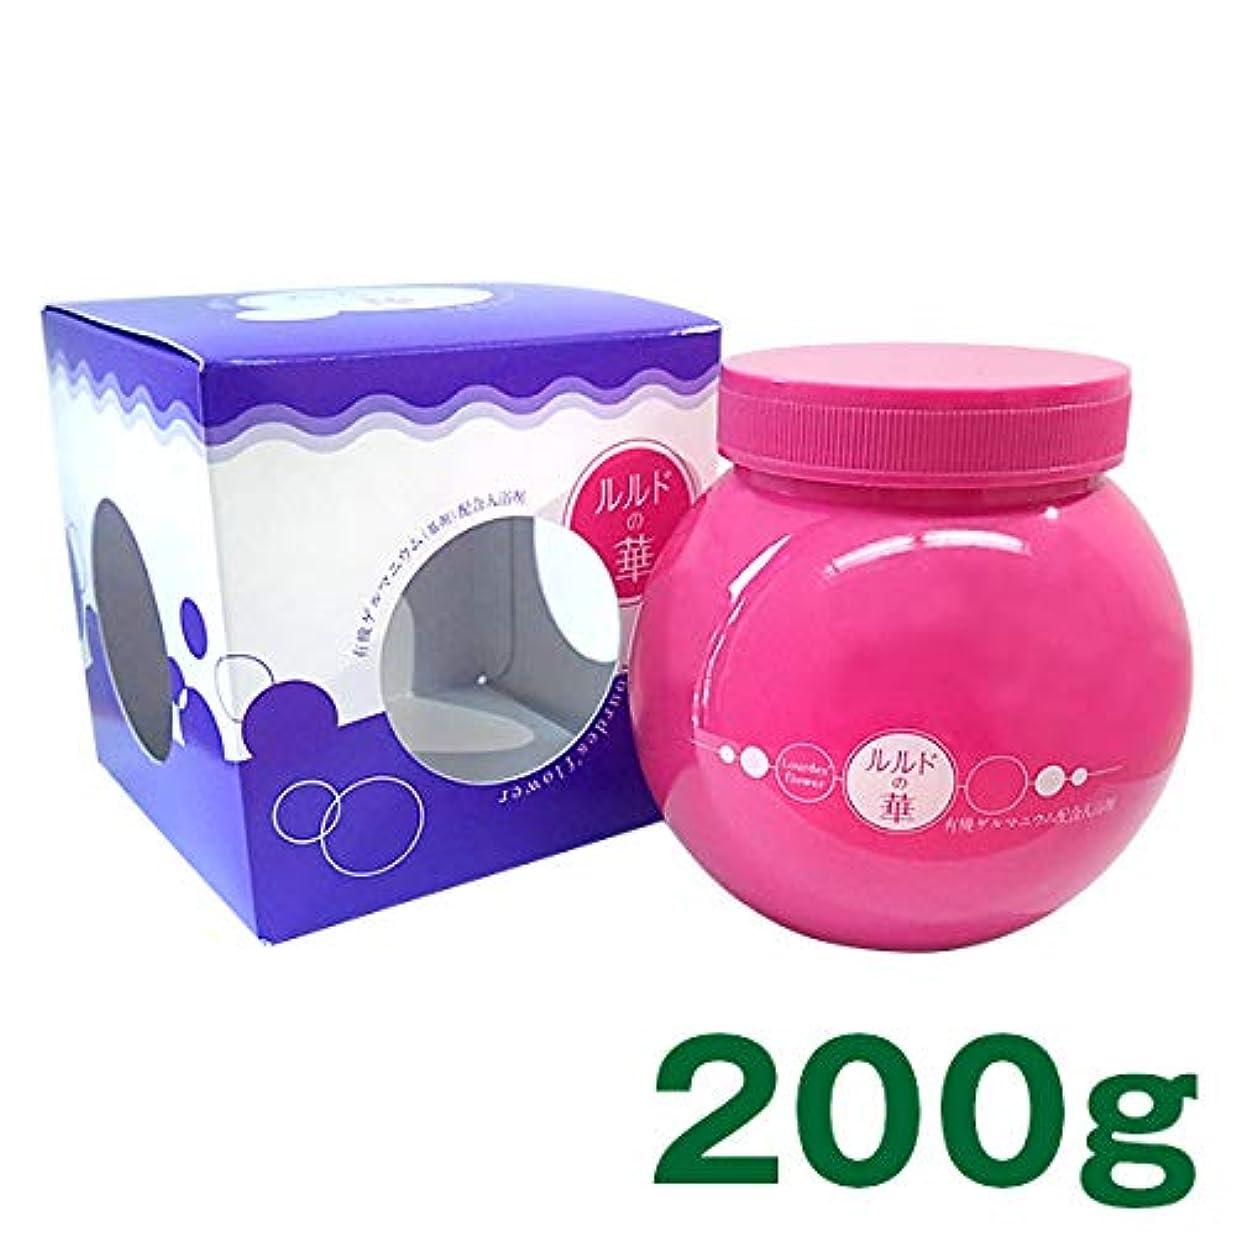 見る人冗長歌う有機ゲルマニウム8.0%配合入浴剤【ルルドの華(ボトル)】200g